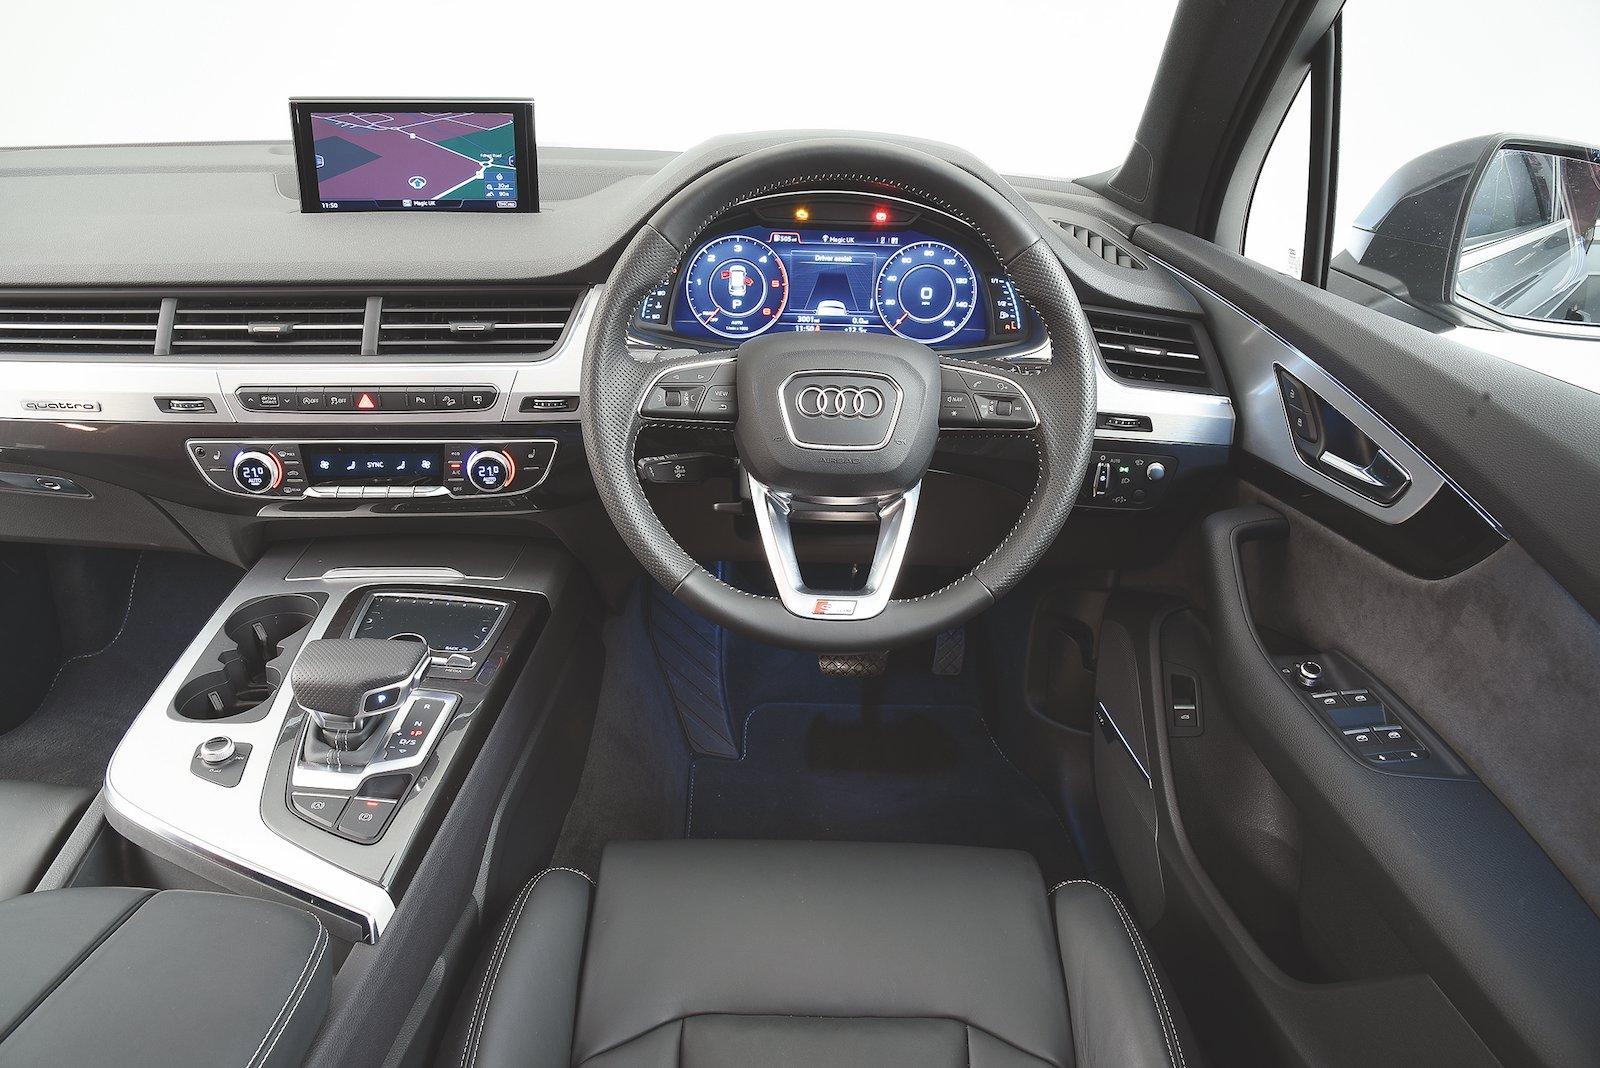 Used Audi Q7 vs Lexus RX